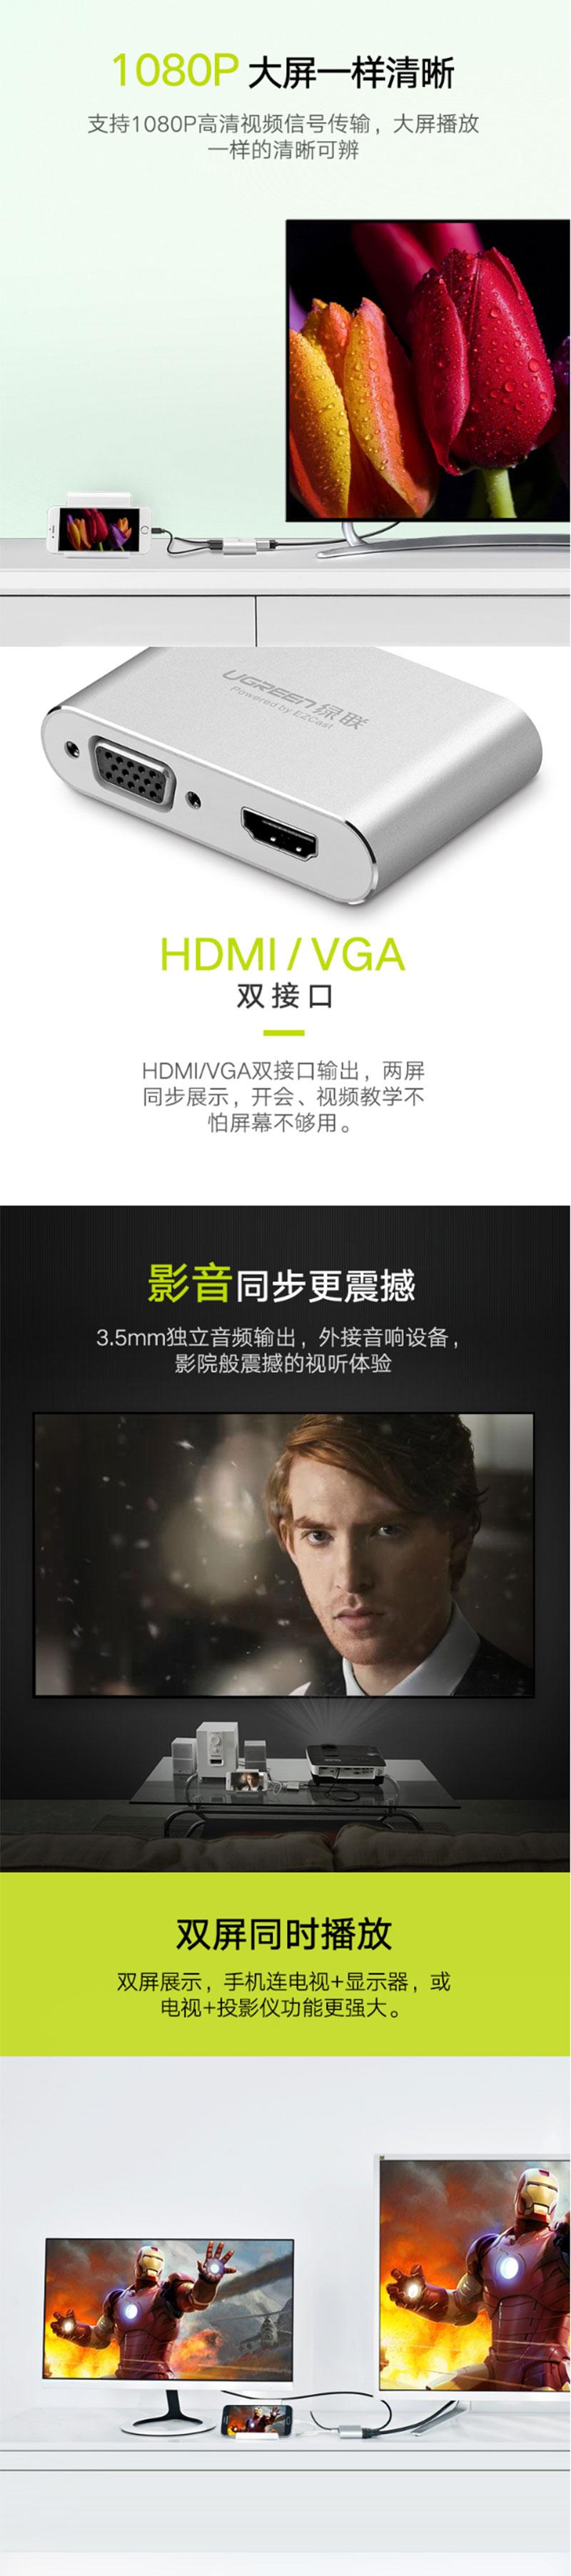 绿联30522 手机转VGA+HDMI转换器